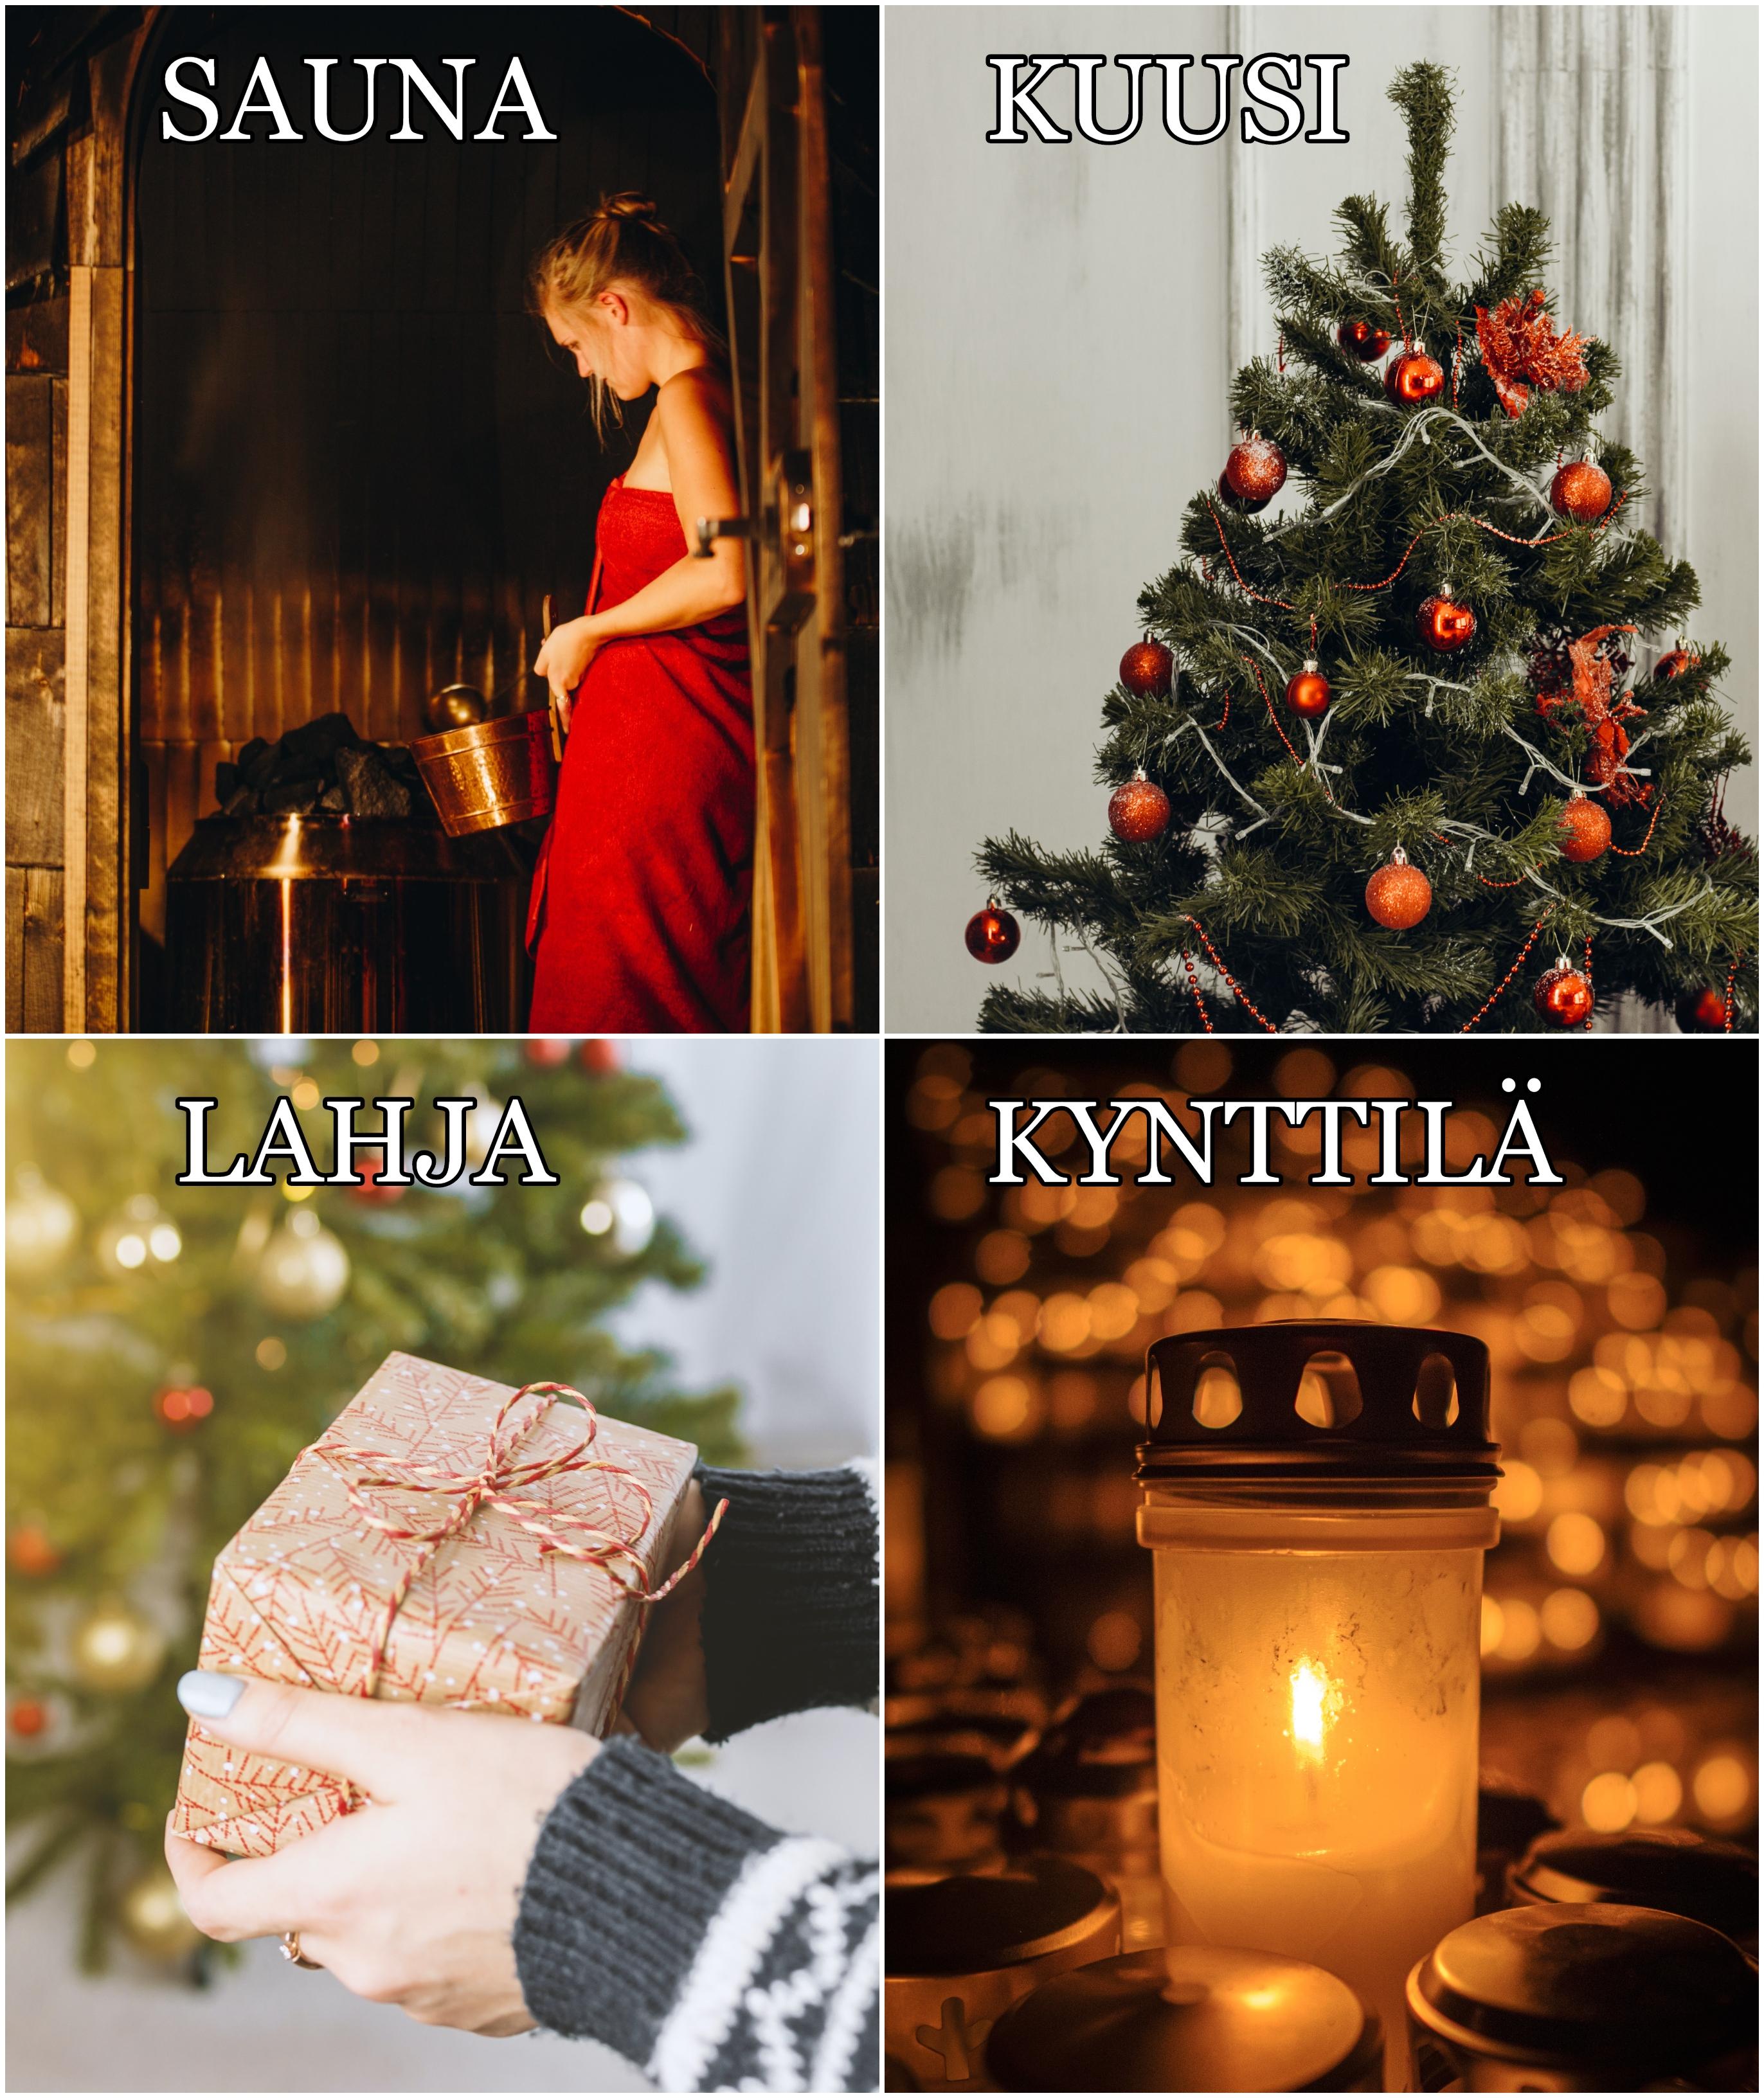 Sauna, kuusi, lahja: Unsplash. Kynttilä: Tuukka Lindholm.